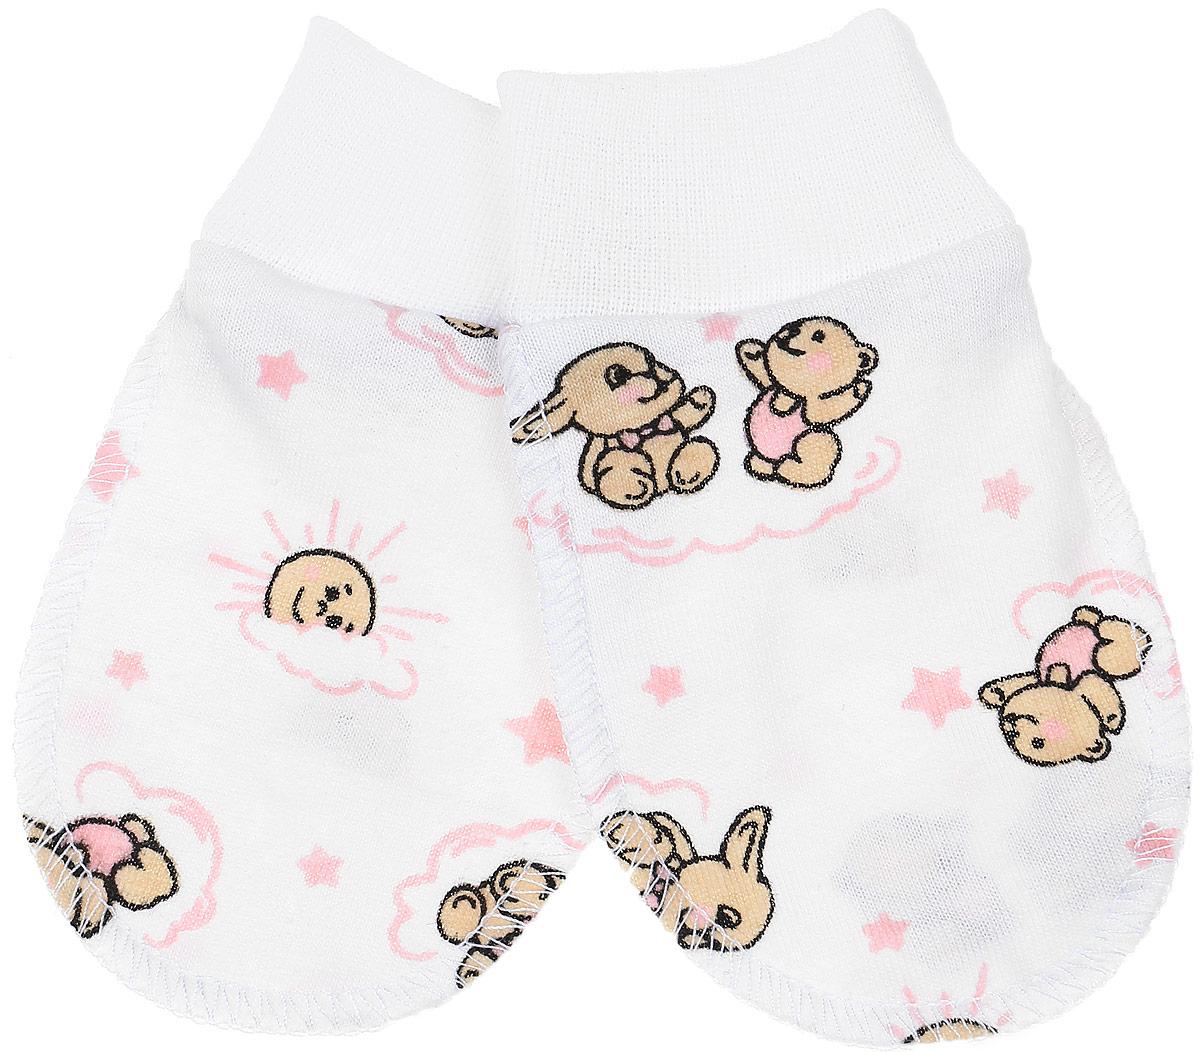 Рукавички5906Рукавички для младенцев Чудесные одежки изготовлены из натурального хлопка. Они не раздражают нежную кожу ребенка. Широкие мягкие резинки не стягивают ручки. Швы выполнены на лицевую сторону.